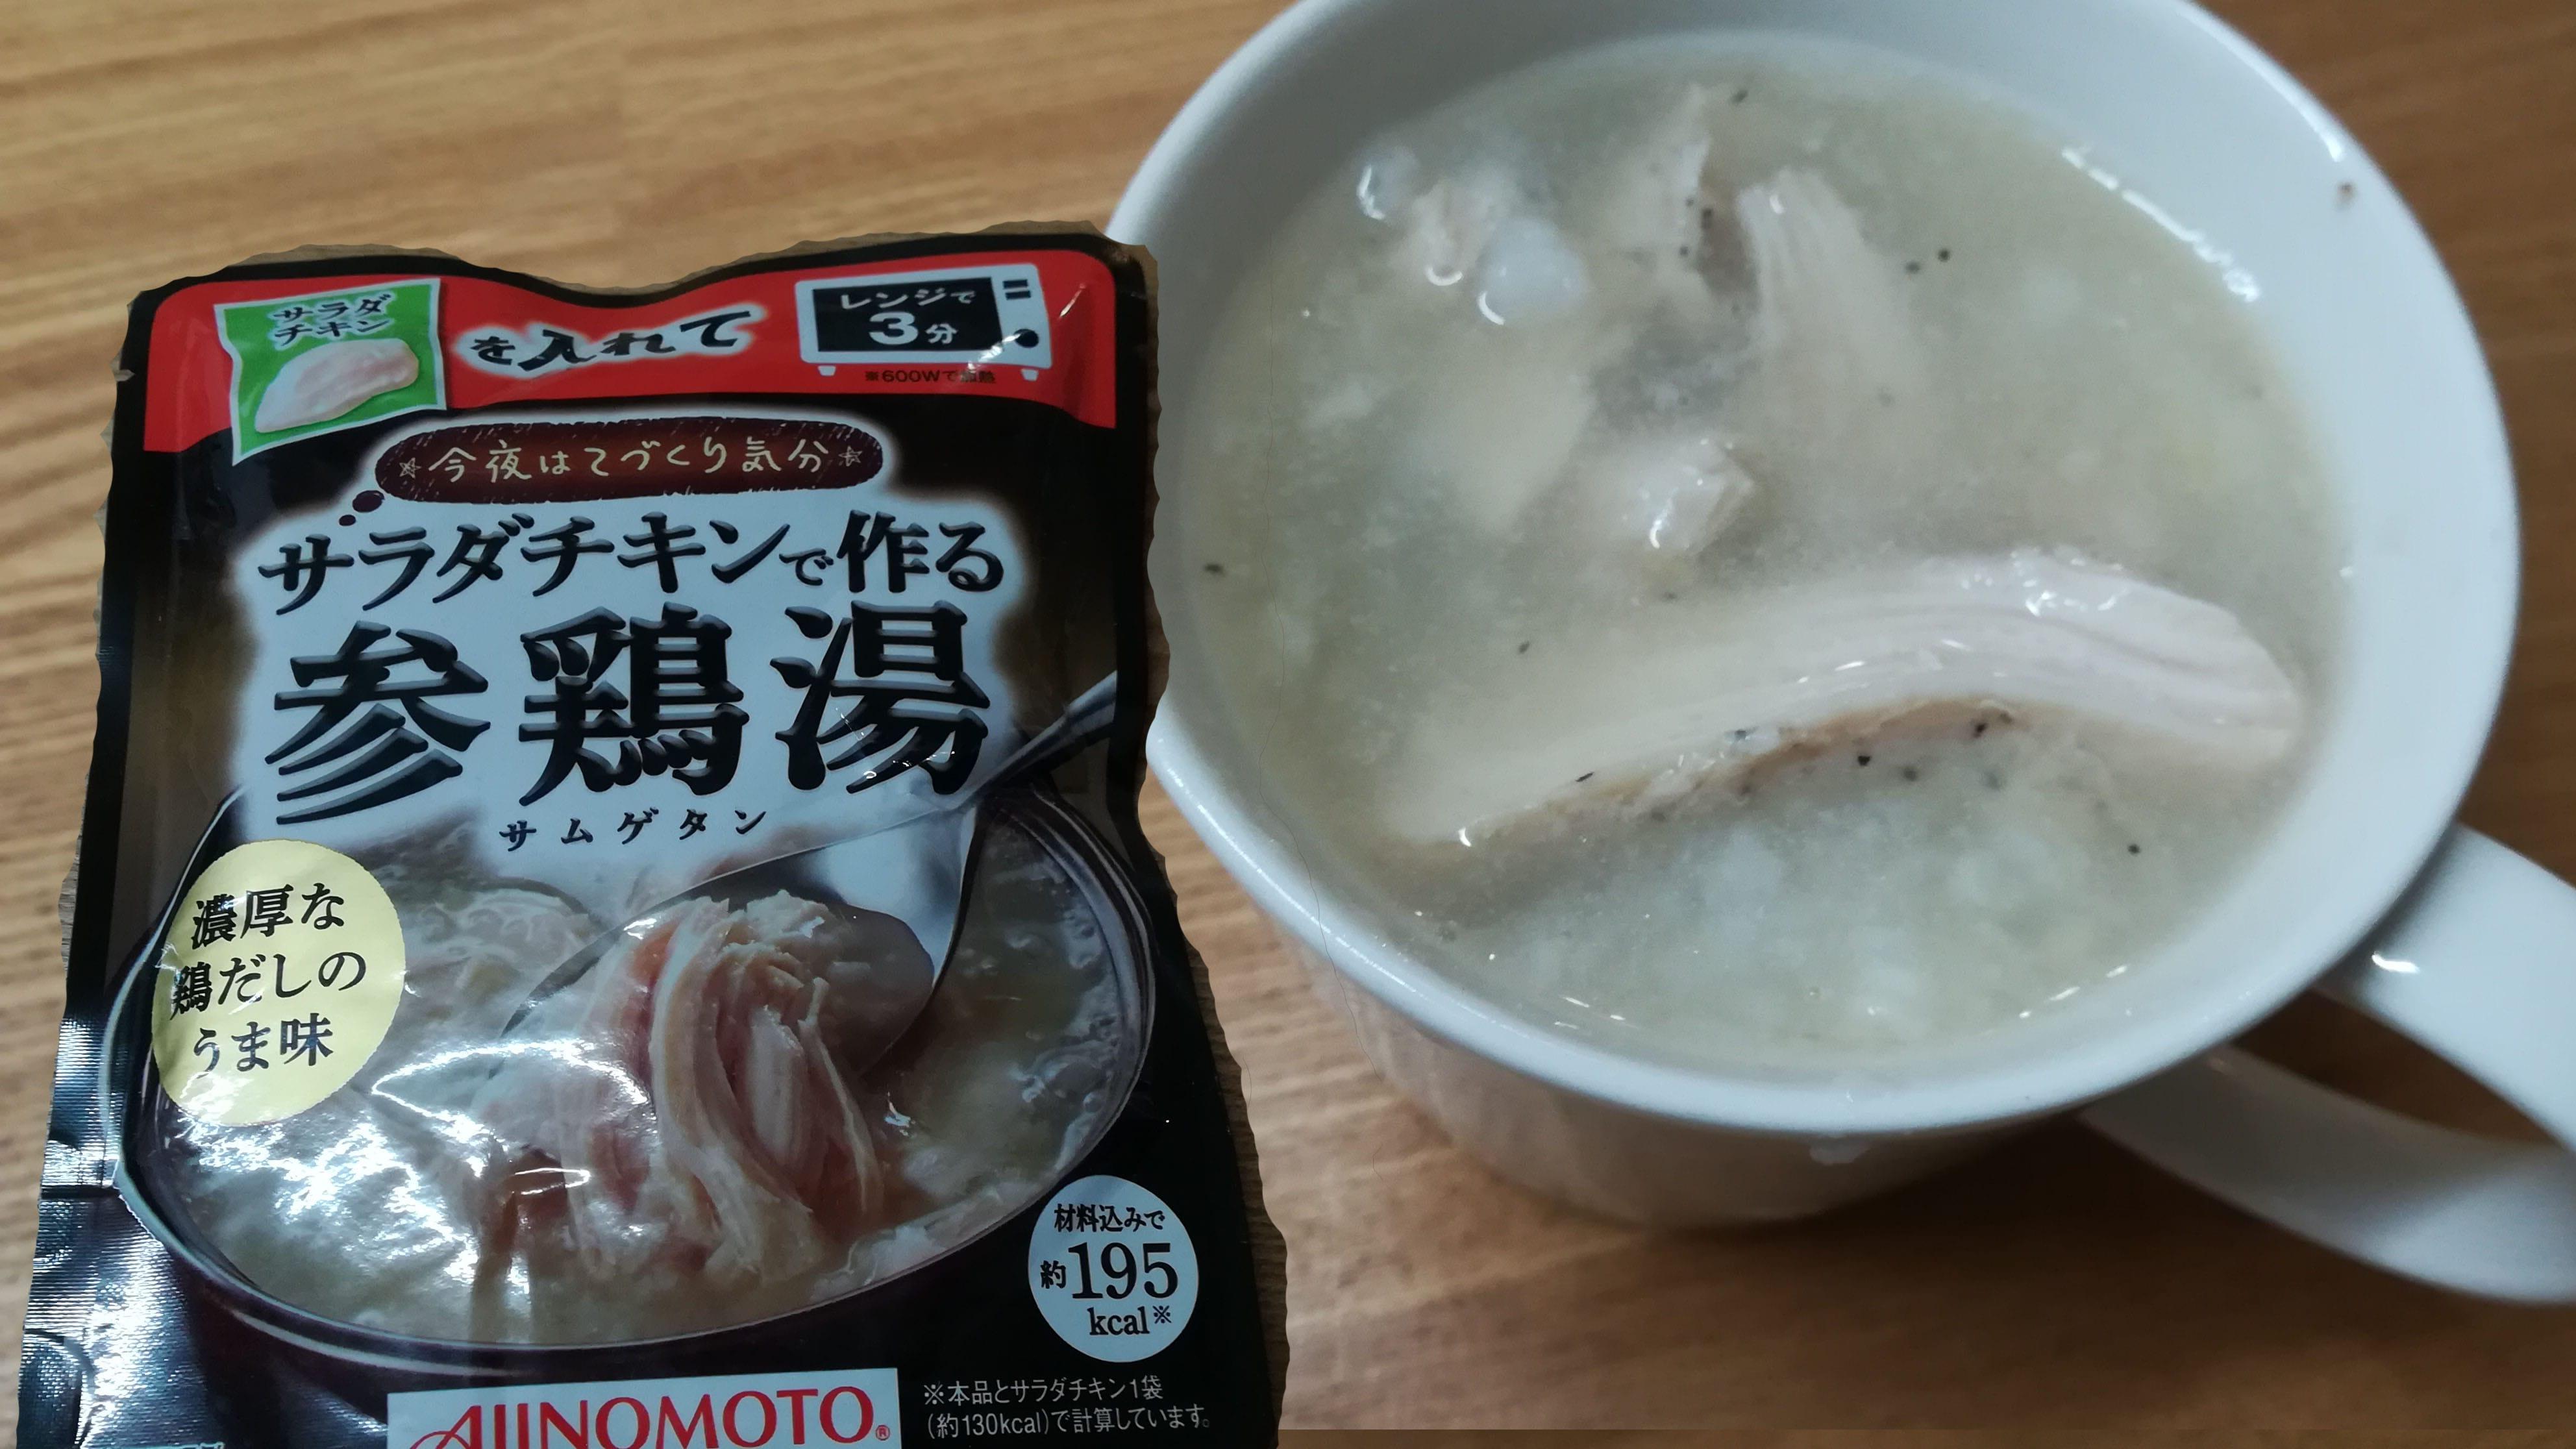 セブンイレブンの参鶏湯